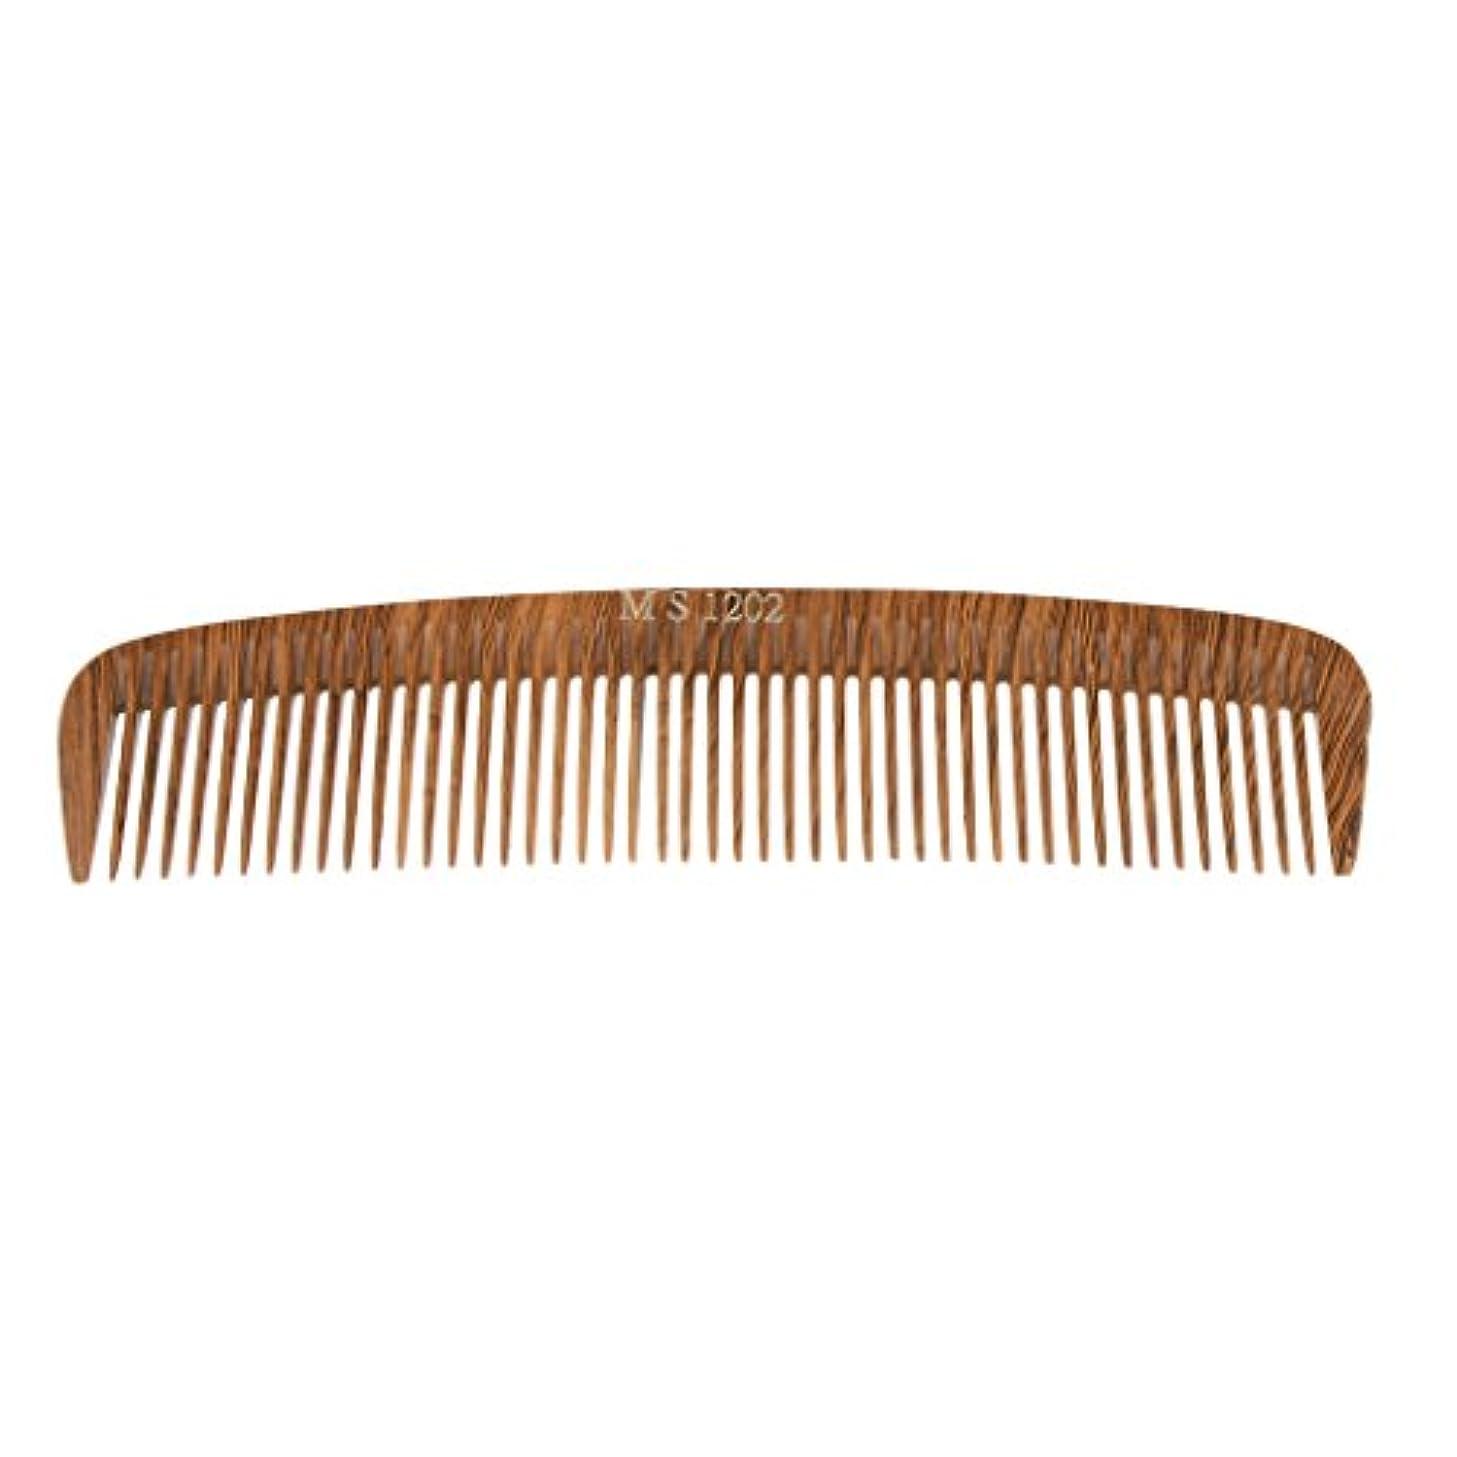 怒り中級見かけ上Perfeclan ヘアコーム ヘアブラシ 帯電防止 ウッド サロン 理髪師 ヘアカット ヘアスタイル ヘアケア 4タイプ選べる - 1202